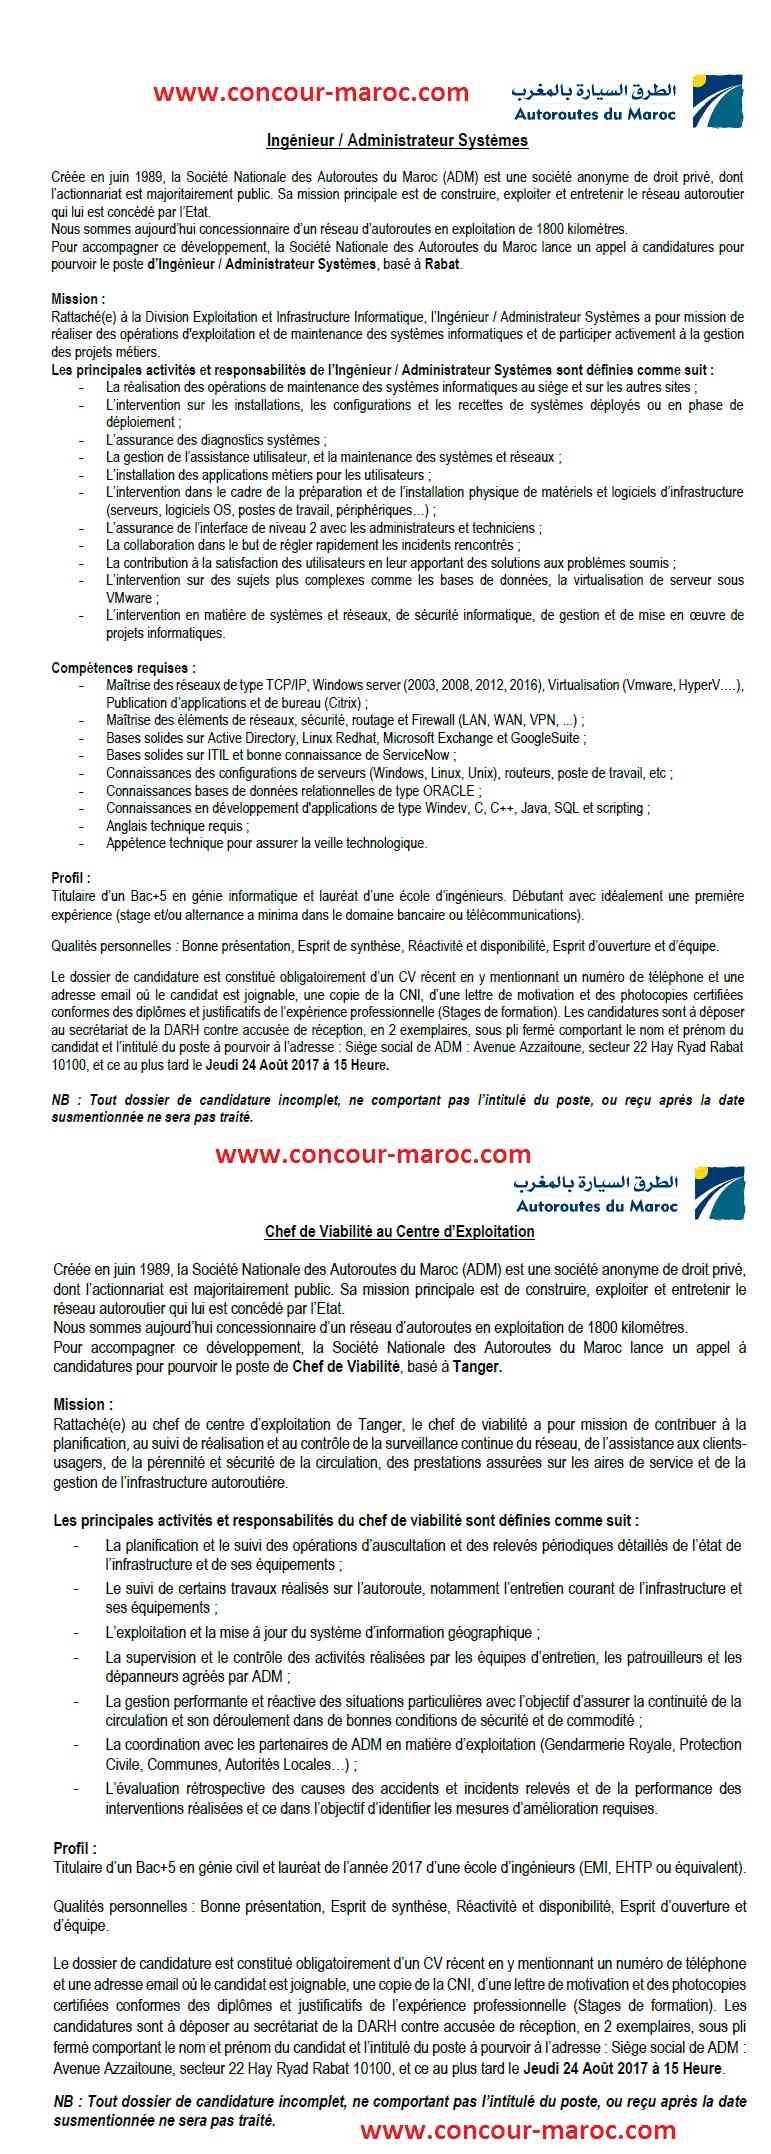 الشركة الوطنية للطرق السيارة بالمغرب : مباراة لتوظيف مهندس (2 منصبان) آخر أجل لإيداع الترشيحات 24 غشت 2017 Concou44